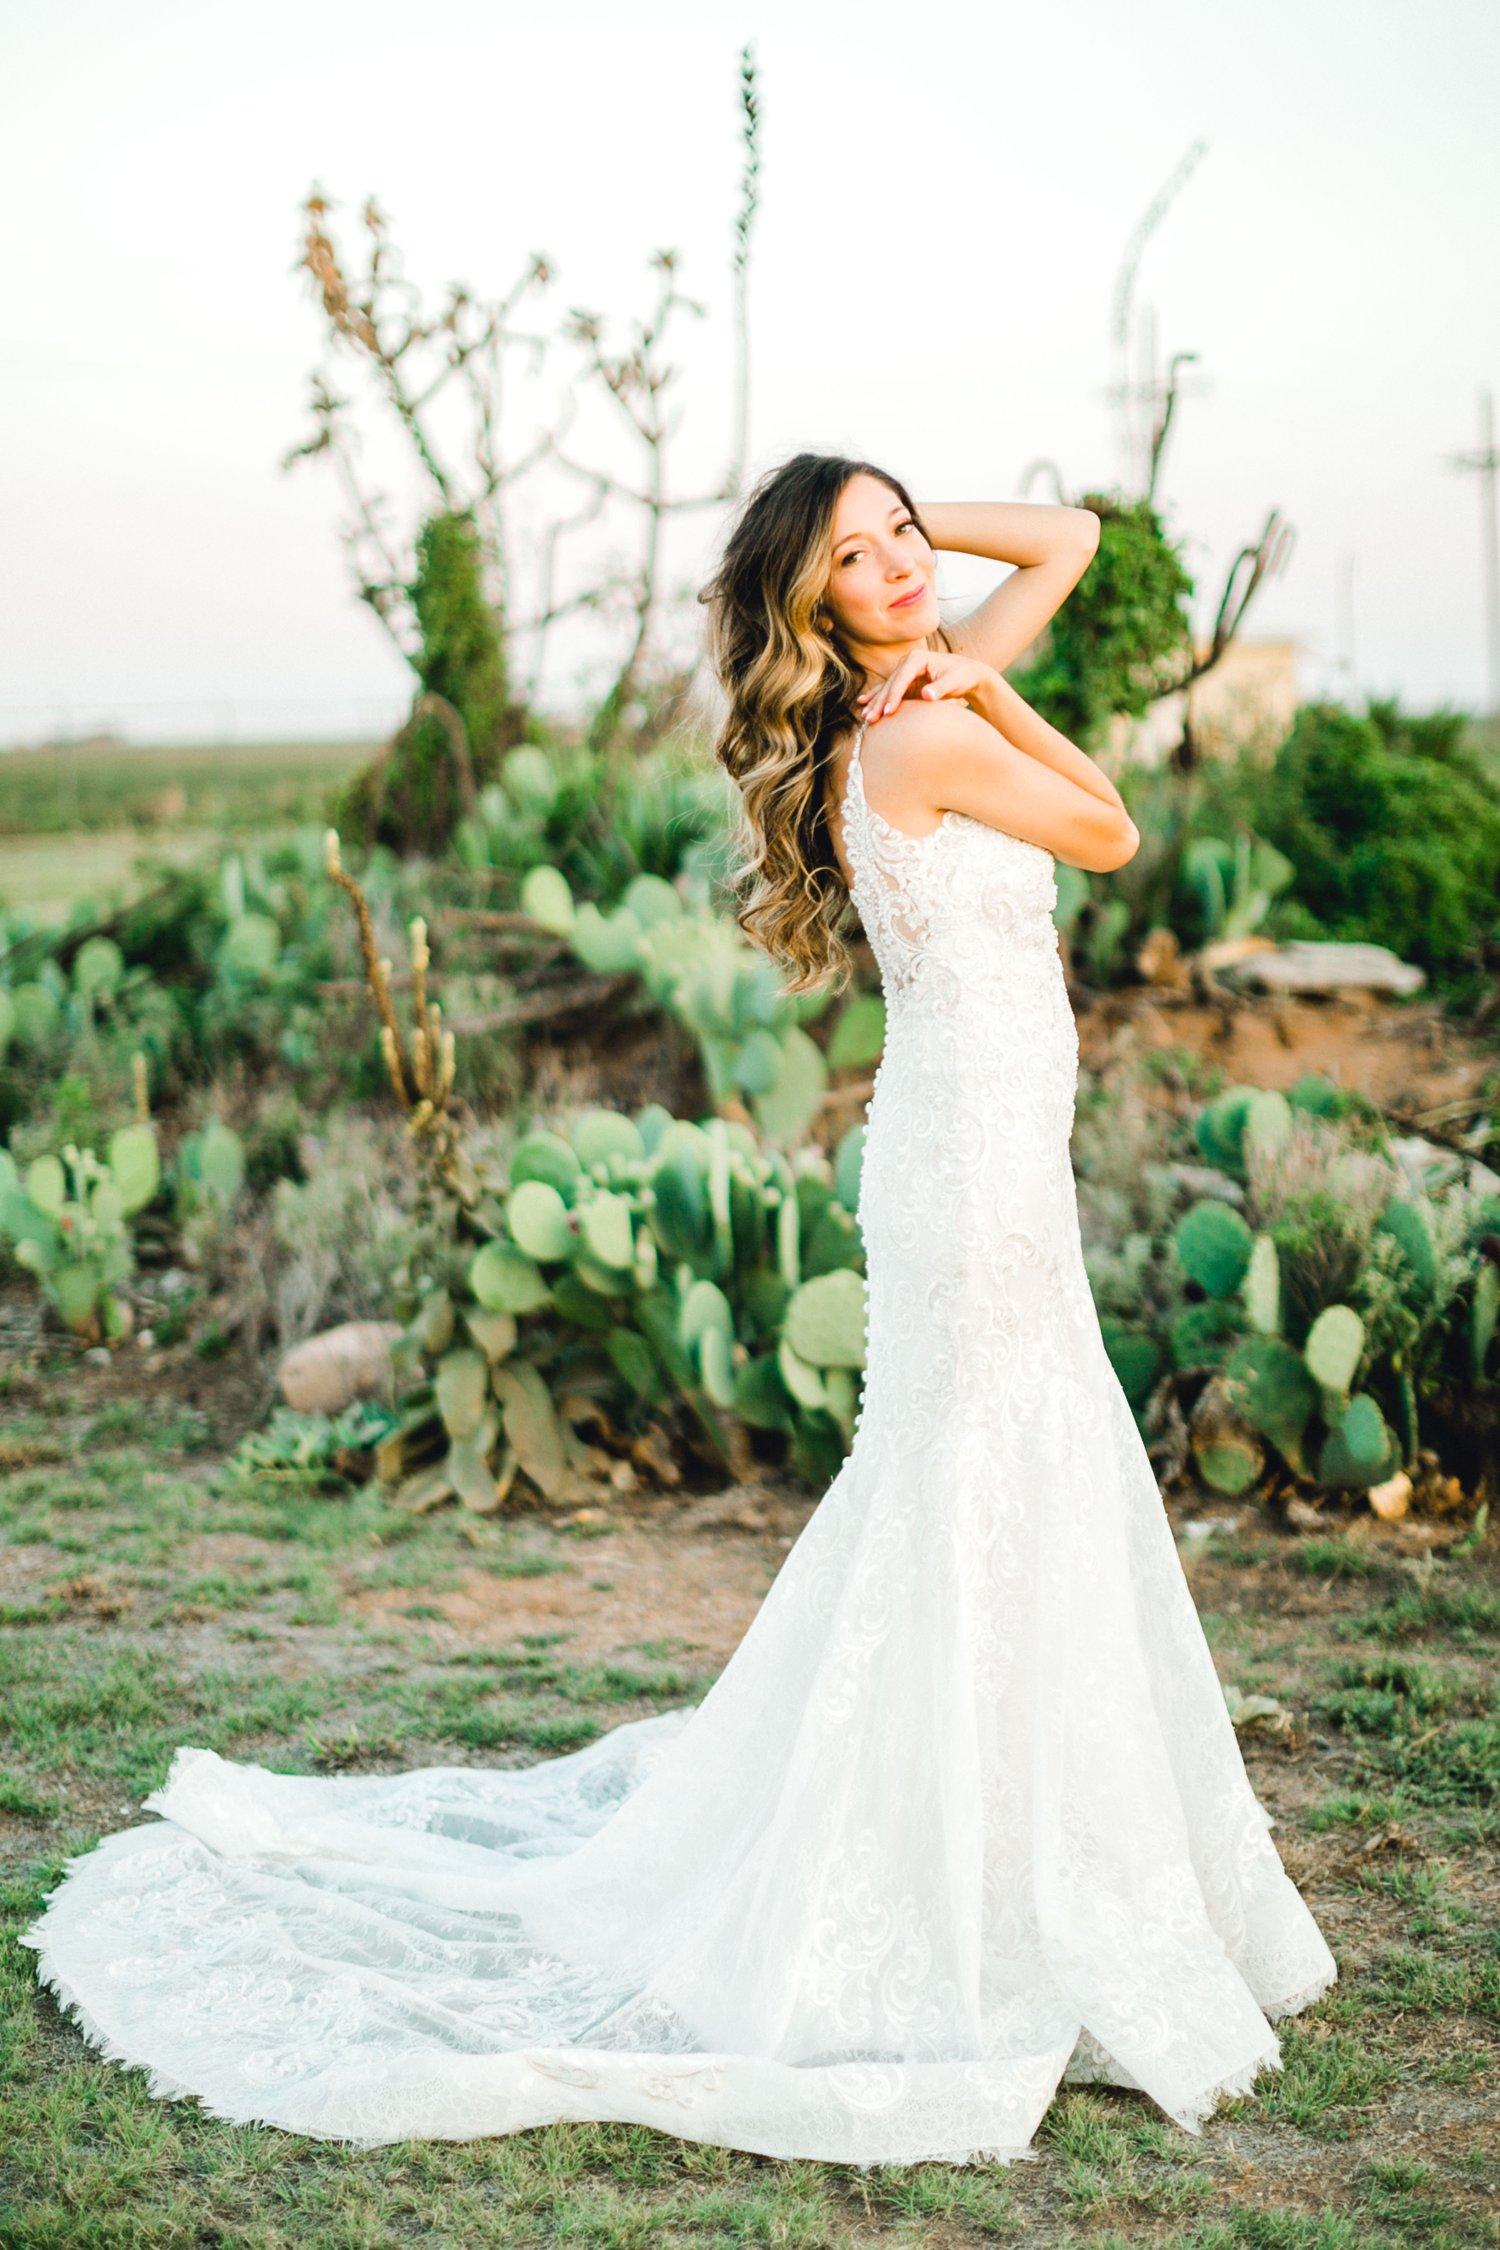 Ashley_Parr_Bridals_ALLEEJ_caprock_winery_romantic_elegant0031.jpg